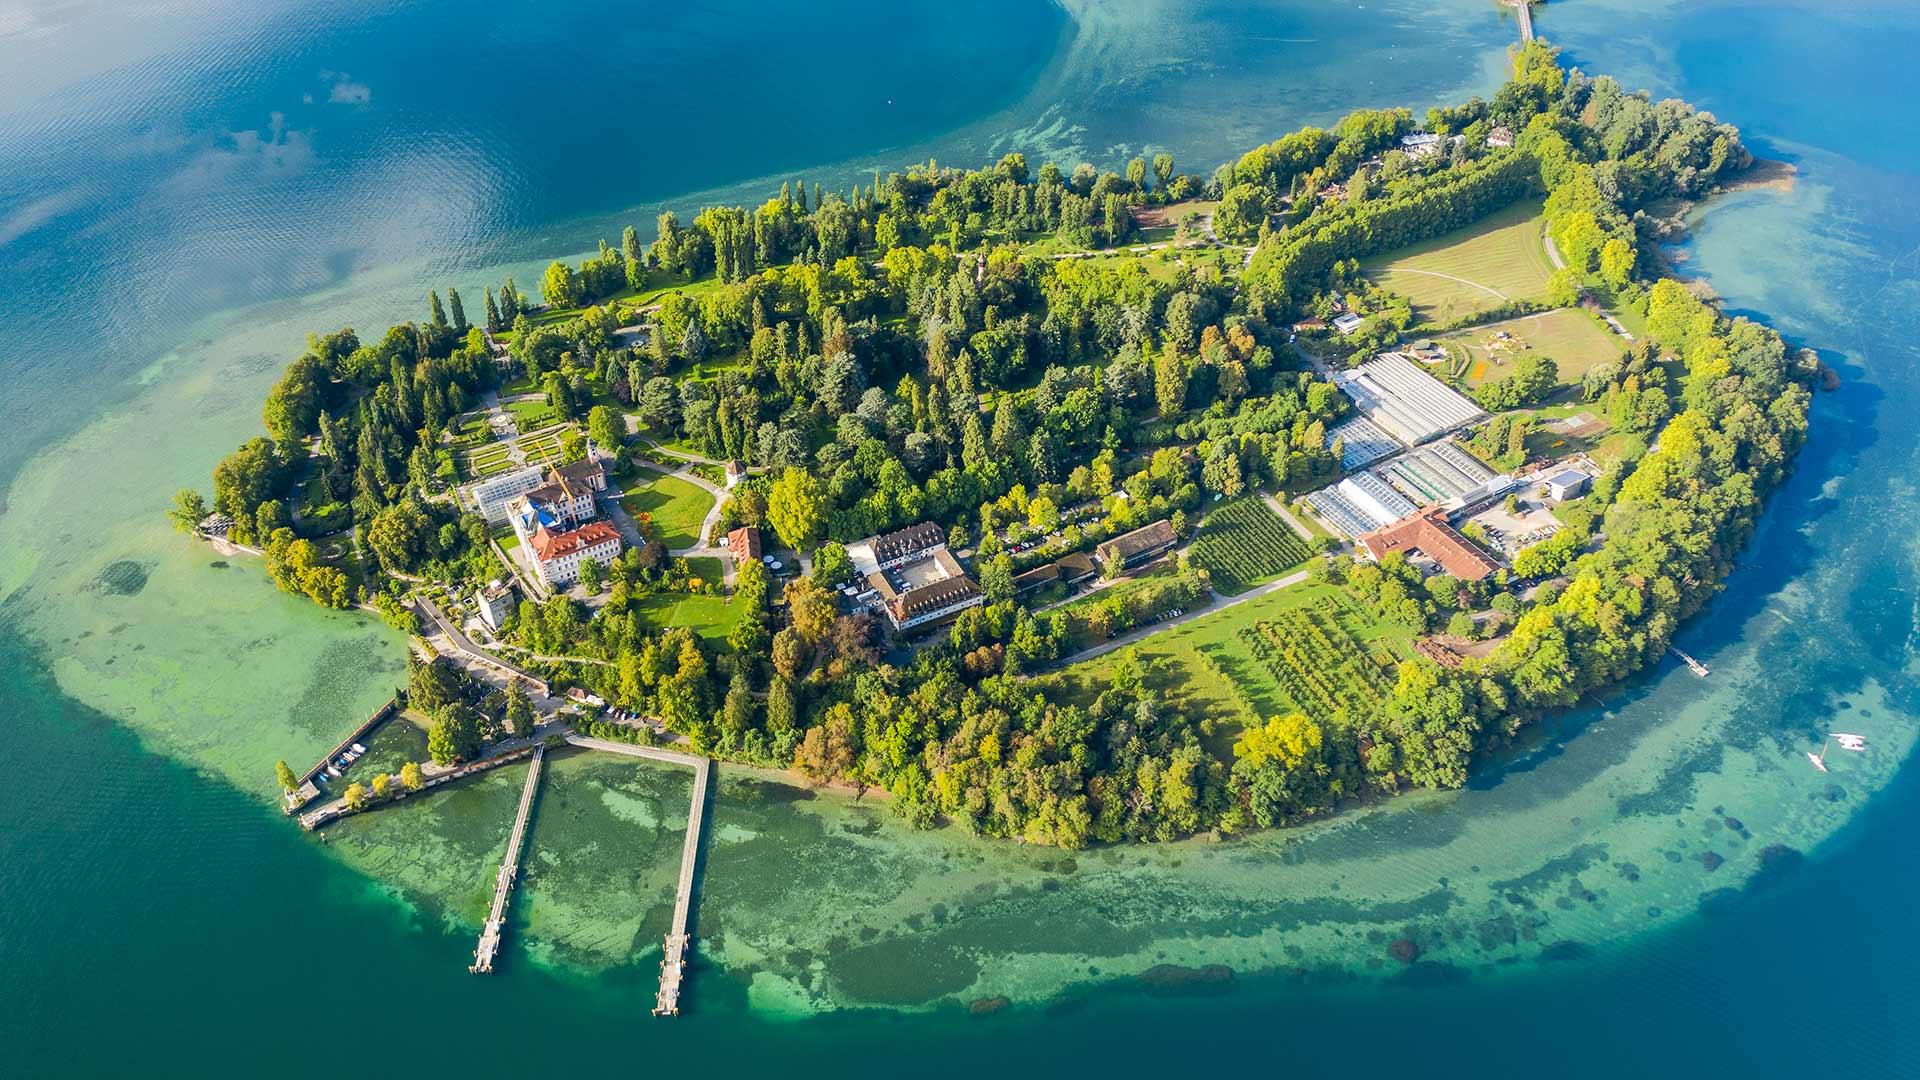 「ボーデン湖のマイナウ島」ドイツ (© Amazing Aerial Agency/Offset by Shutterstock)